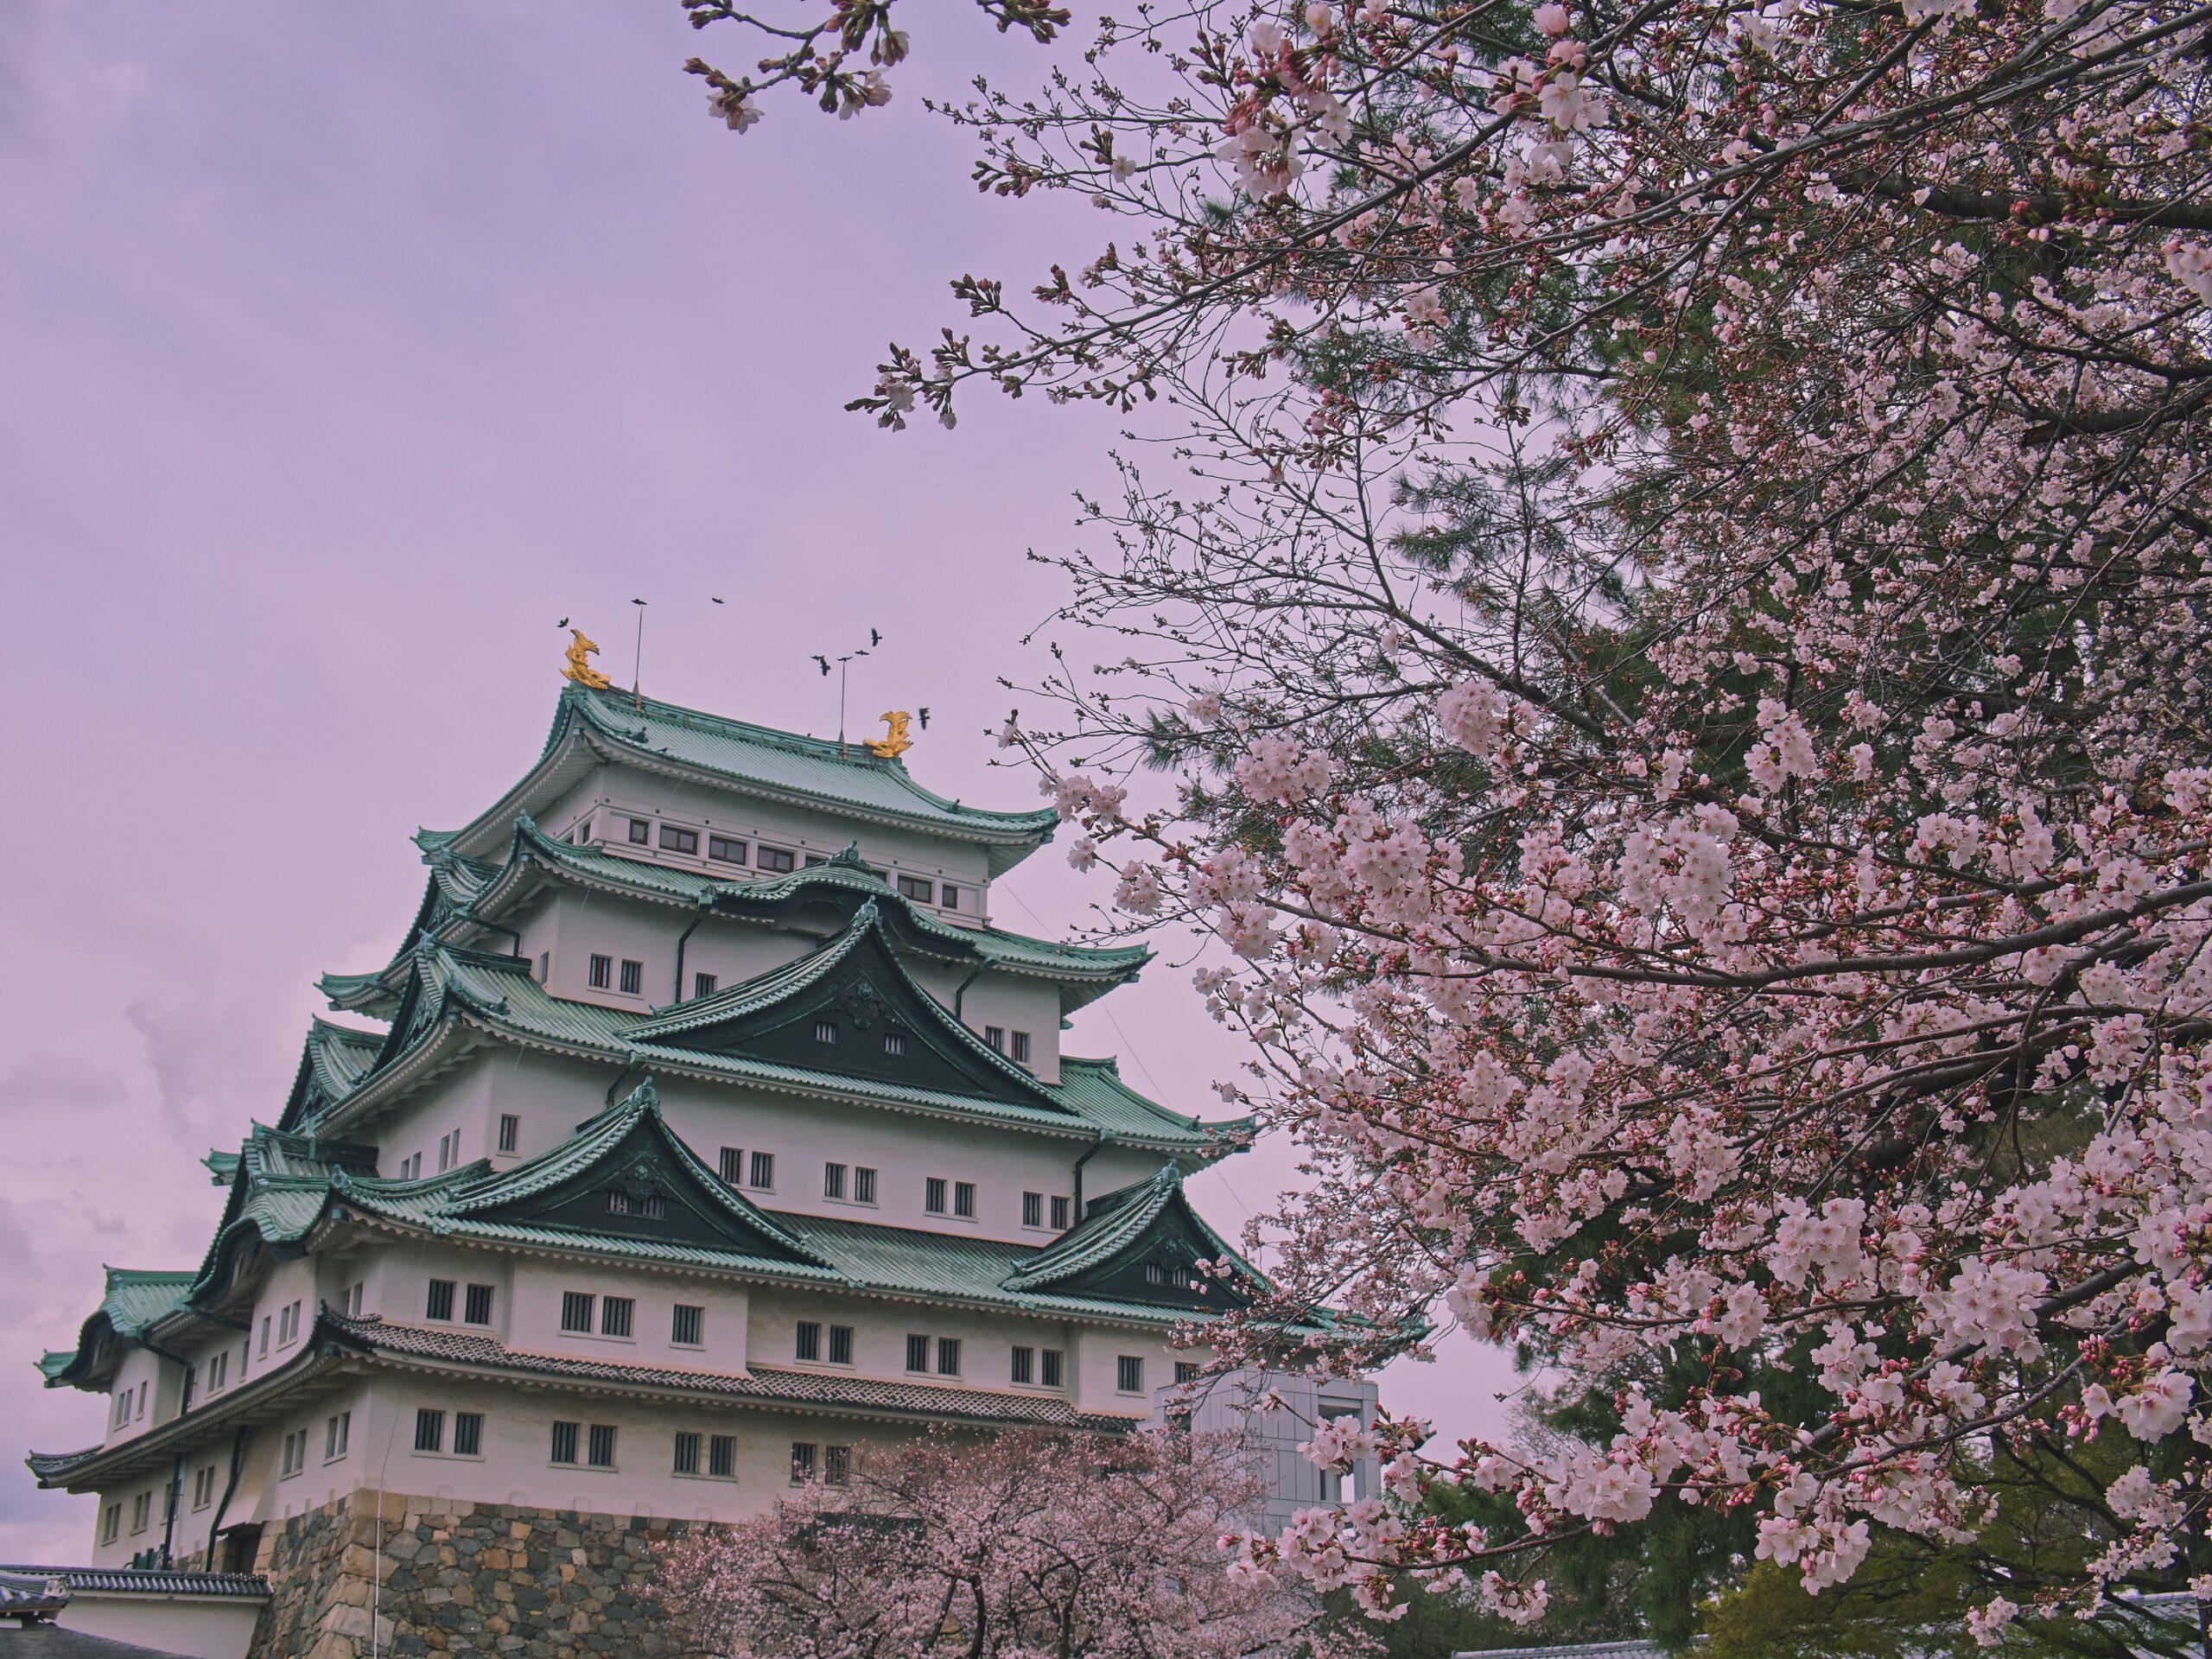 melhores-cidades-para-estudar-no-japao-nagoya